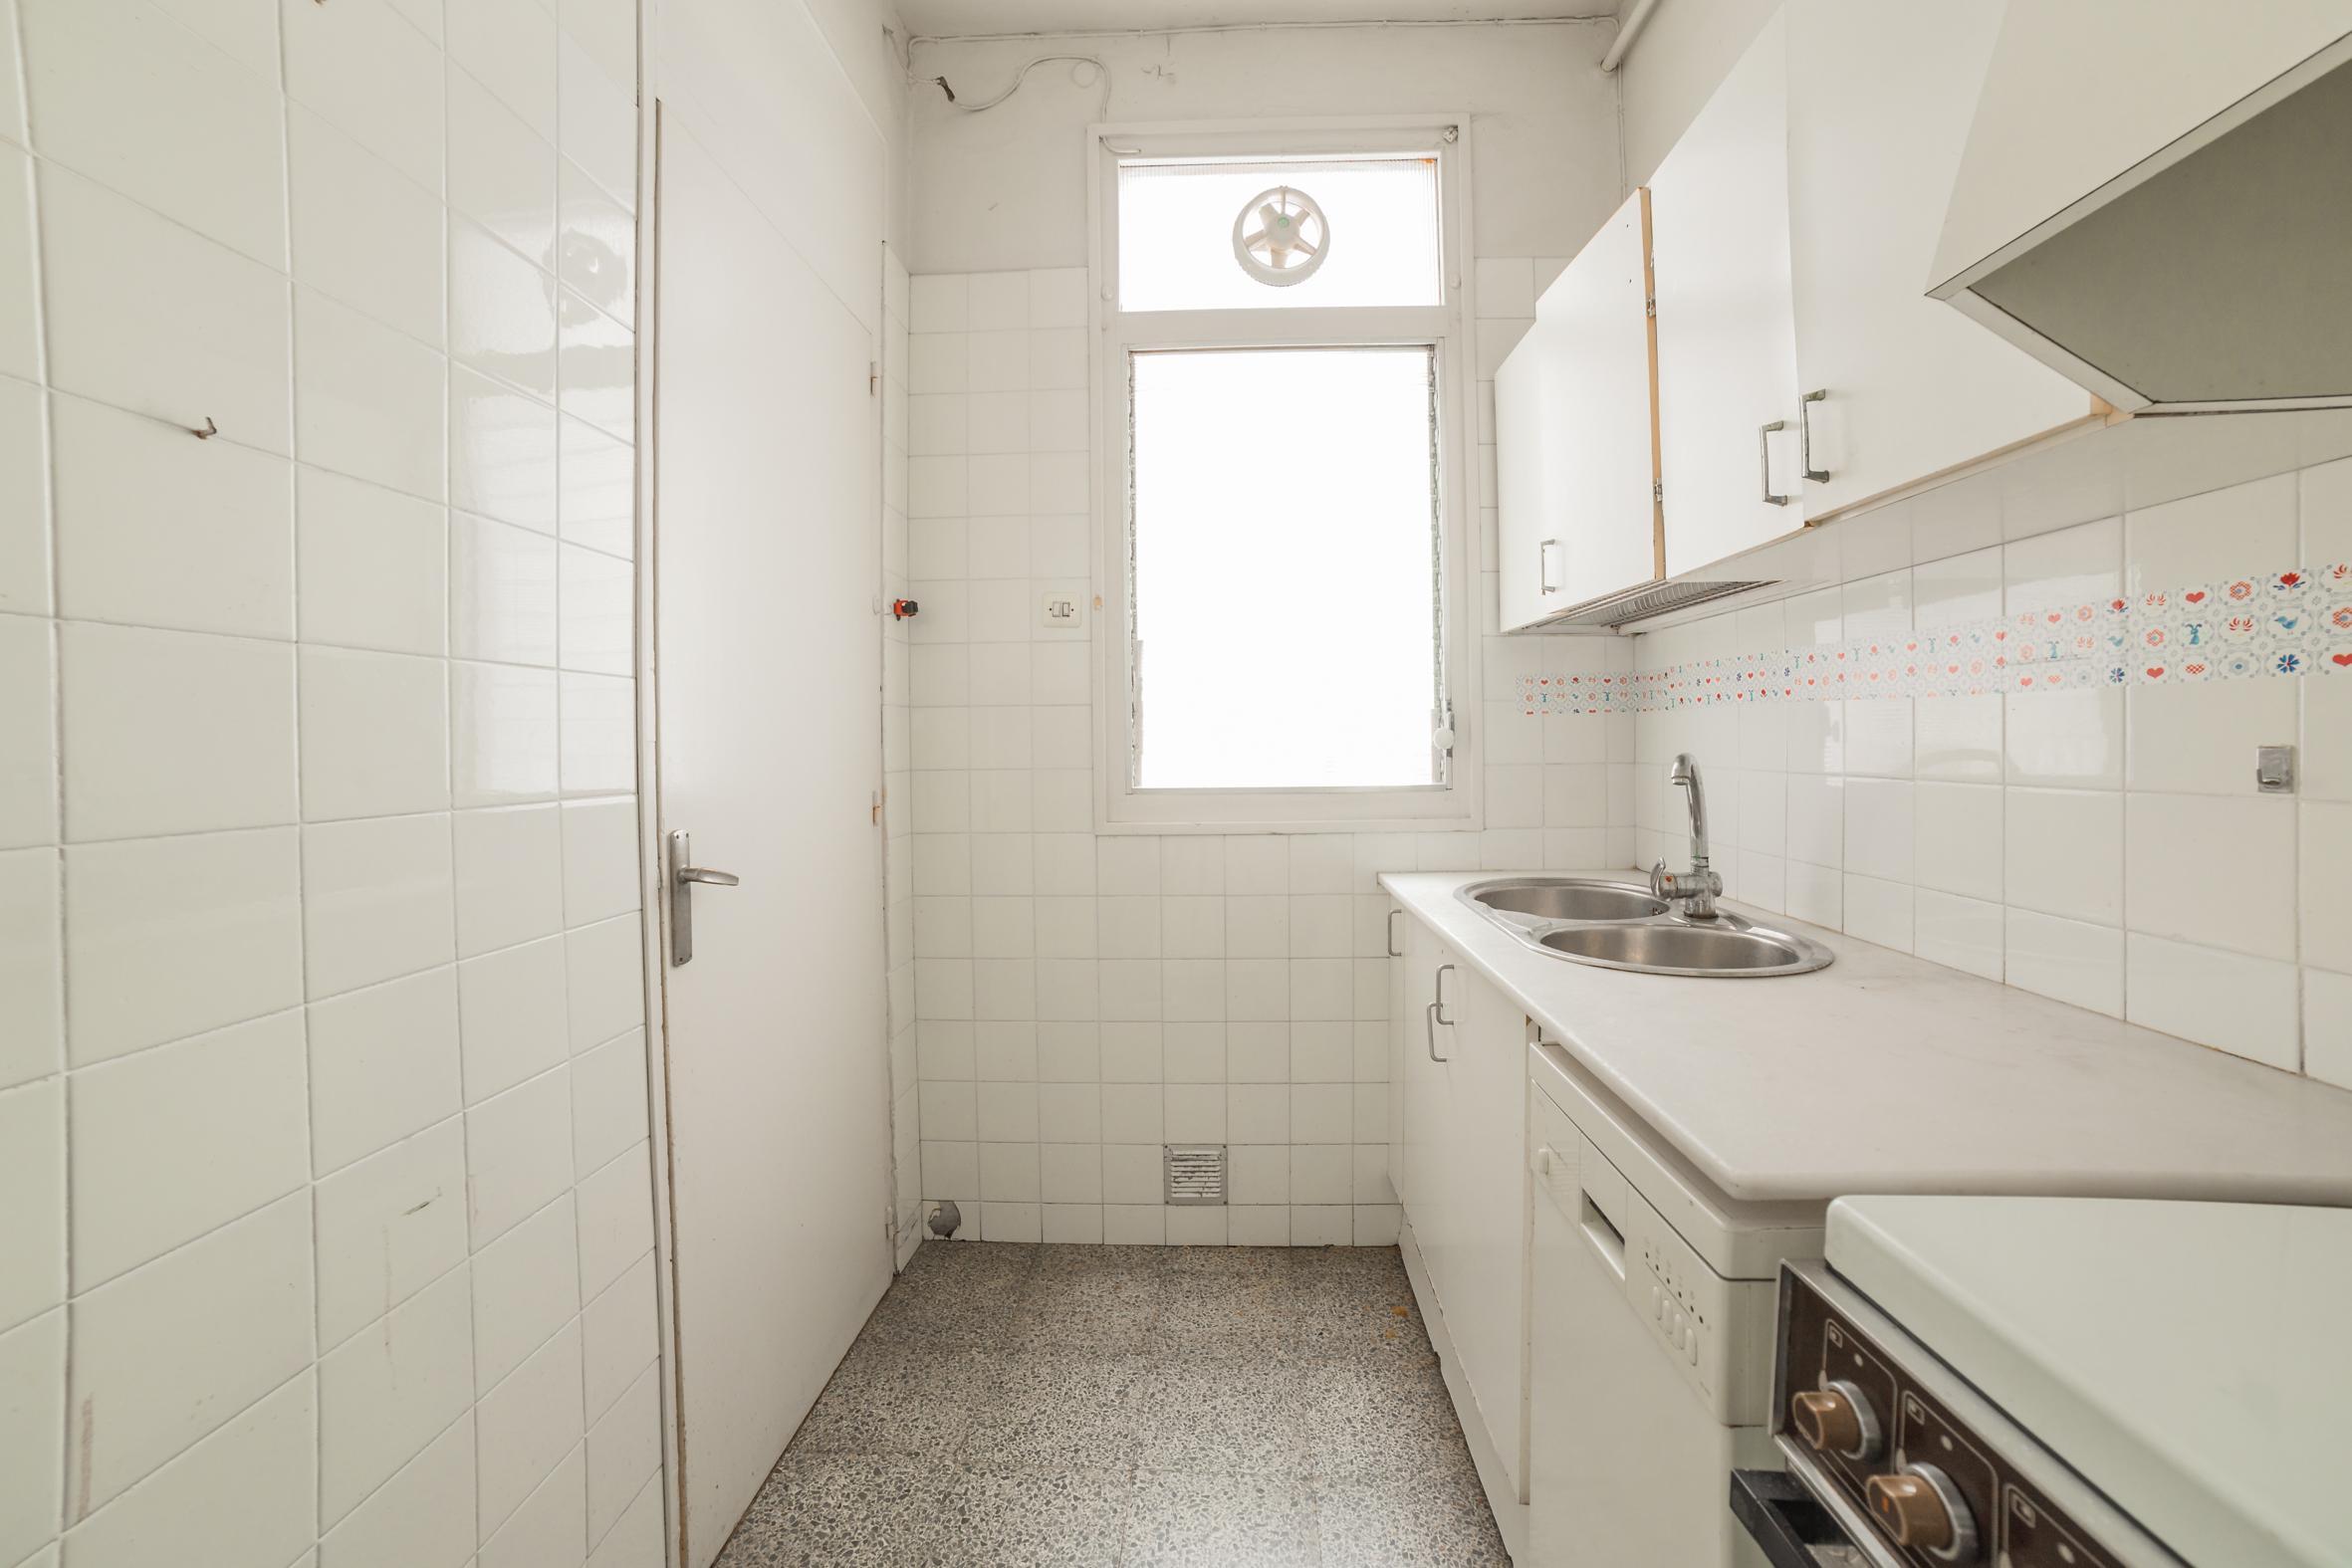 248664 Flat for sale in Eixample, Antiga Esquerre Eixample 18